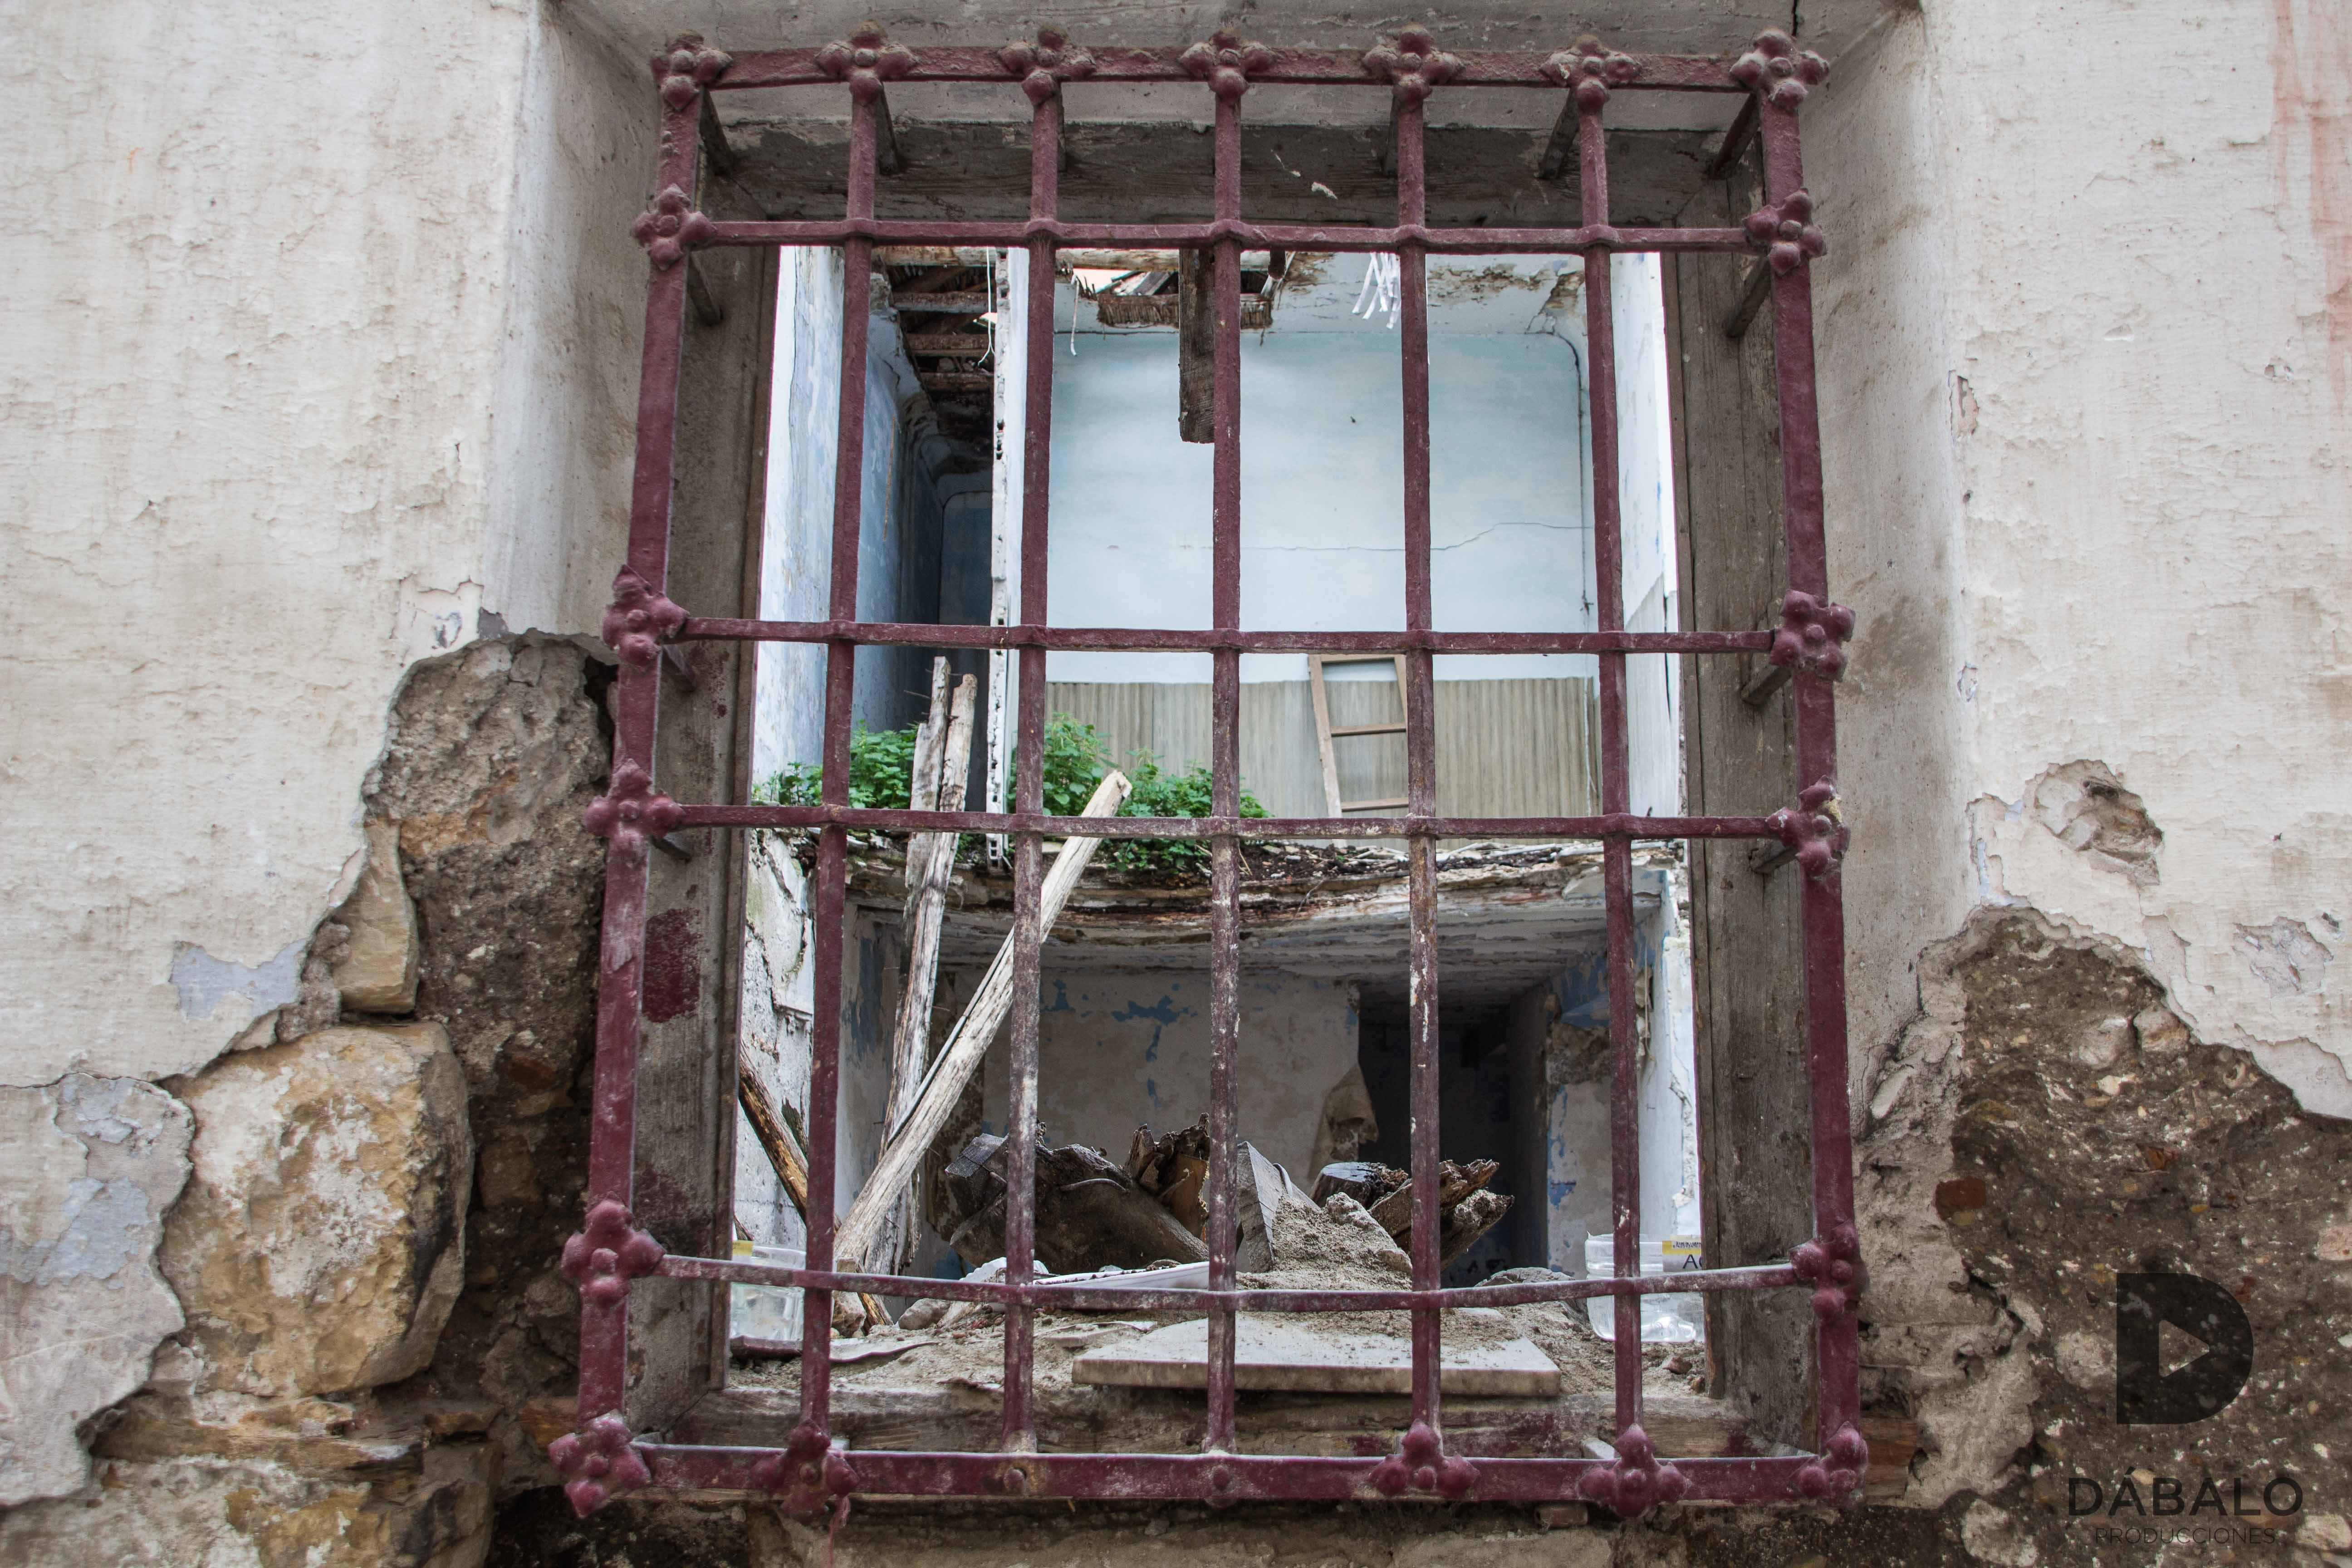 FOTO 7: Fotografía de una ventana de una casa abandonada y en ruina total. Calle Santo Domingo Bajo, muy cerca de los Baños Árabes, zona de la Judería.